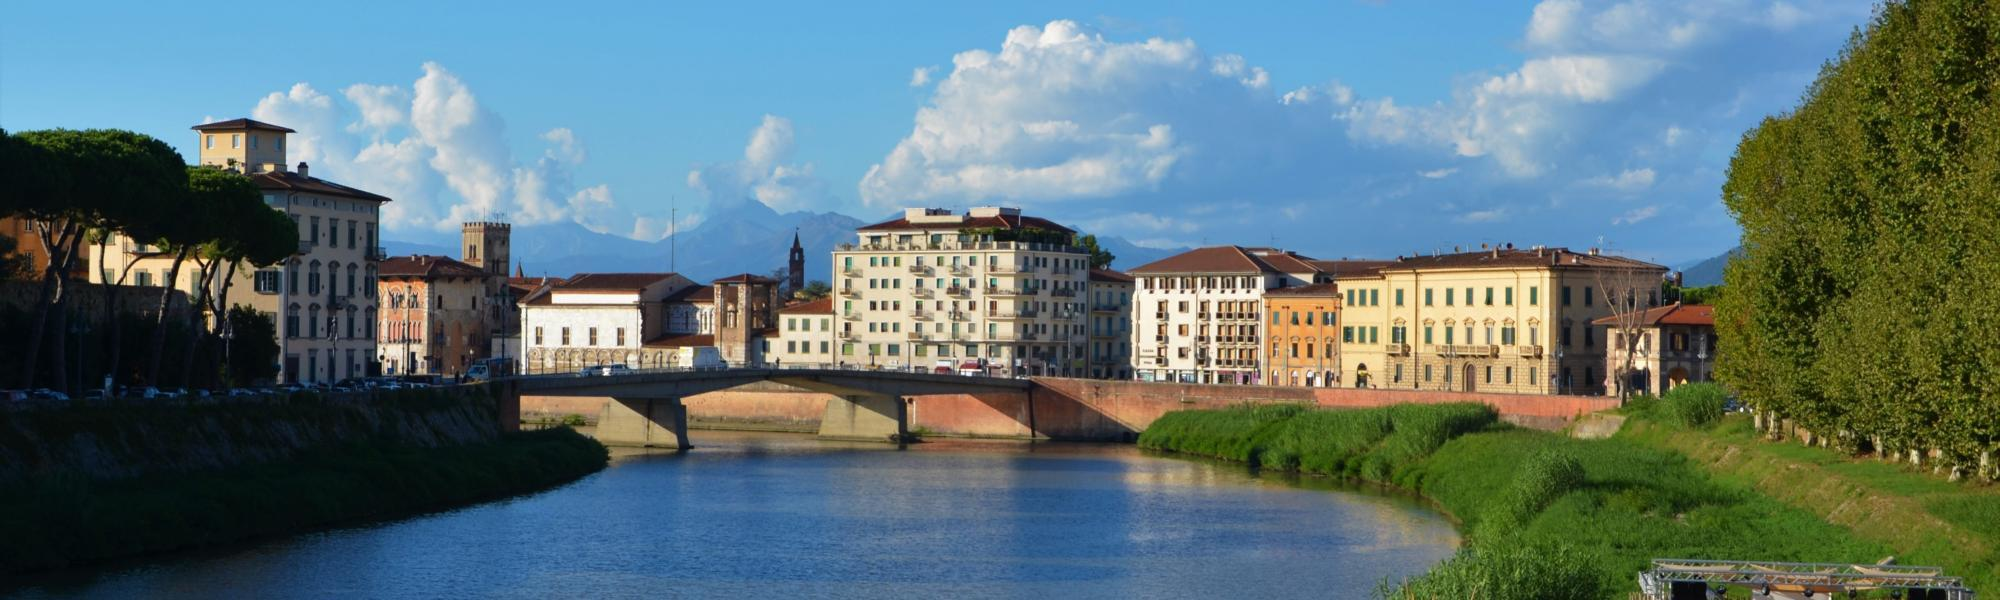 Ponte della Fortezza (L. Corevi, Comune di Pisa)